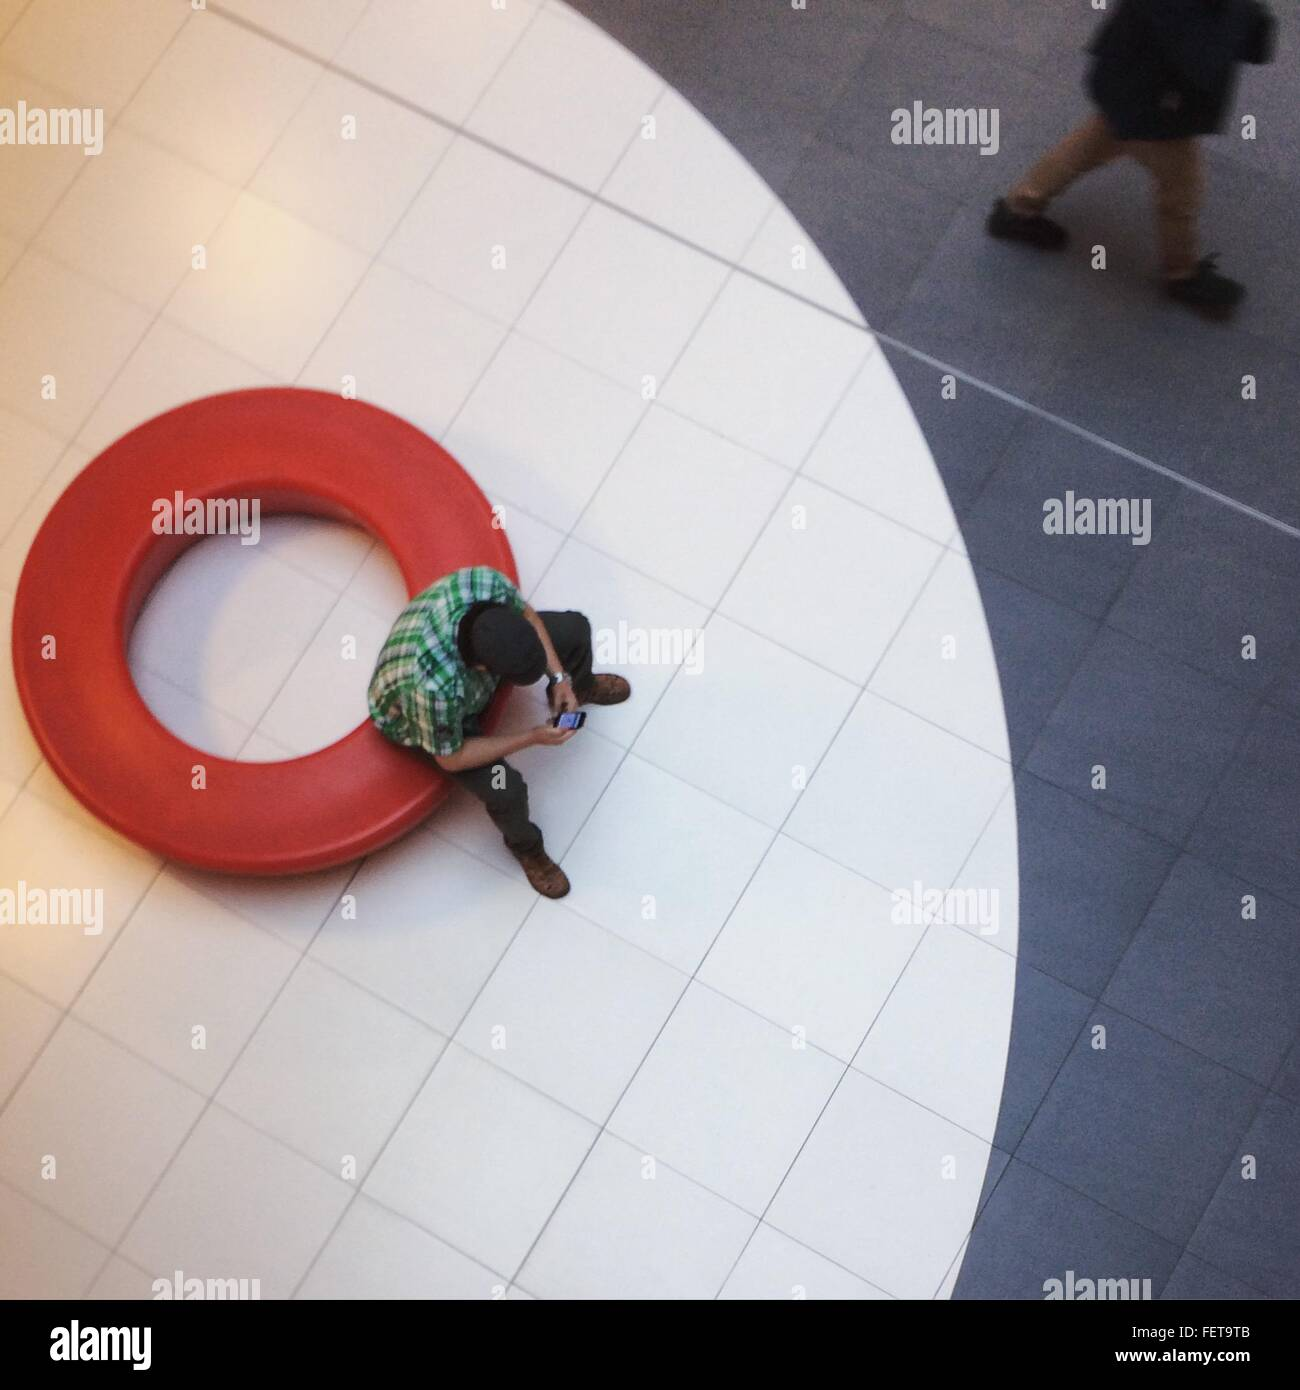 Elevato angolo di visione dell'uomo utilizzando il telefono cellulare nella Lobby Immagini Stock